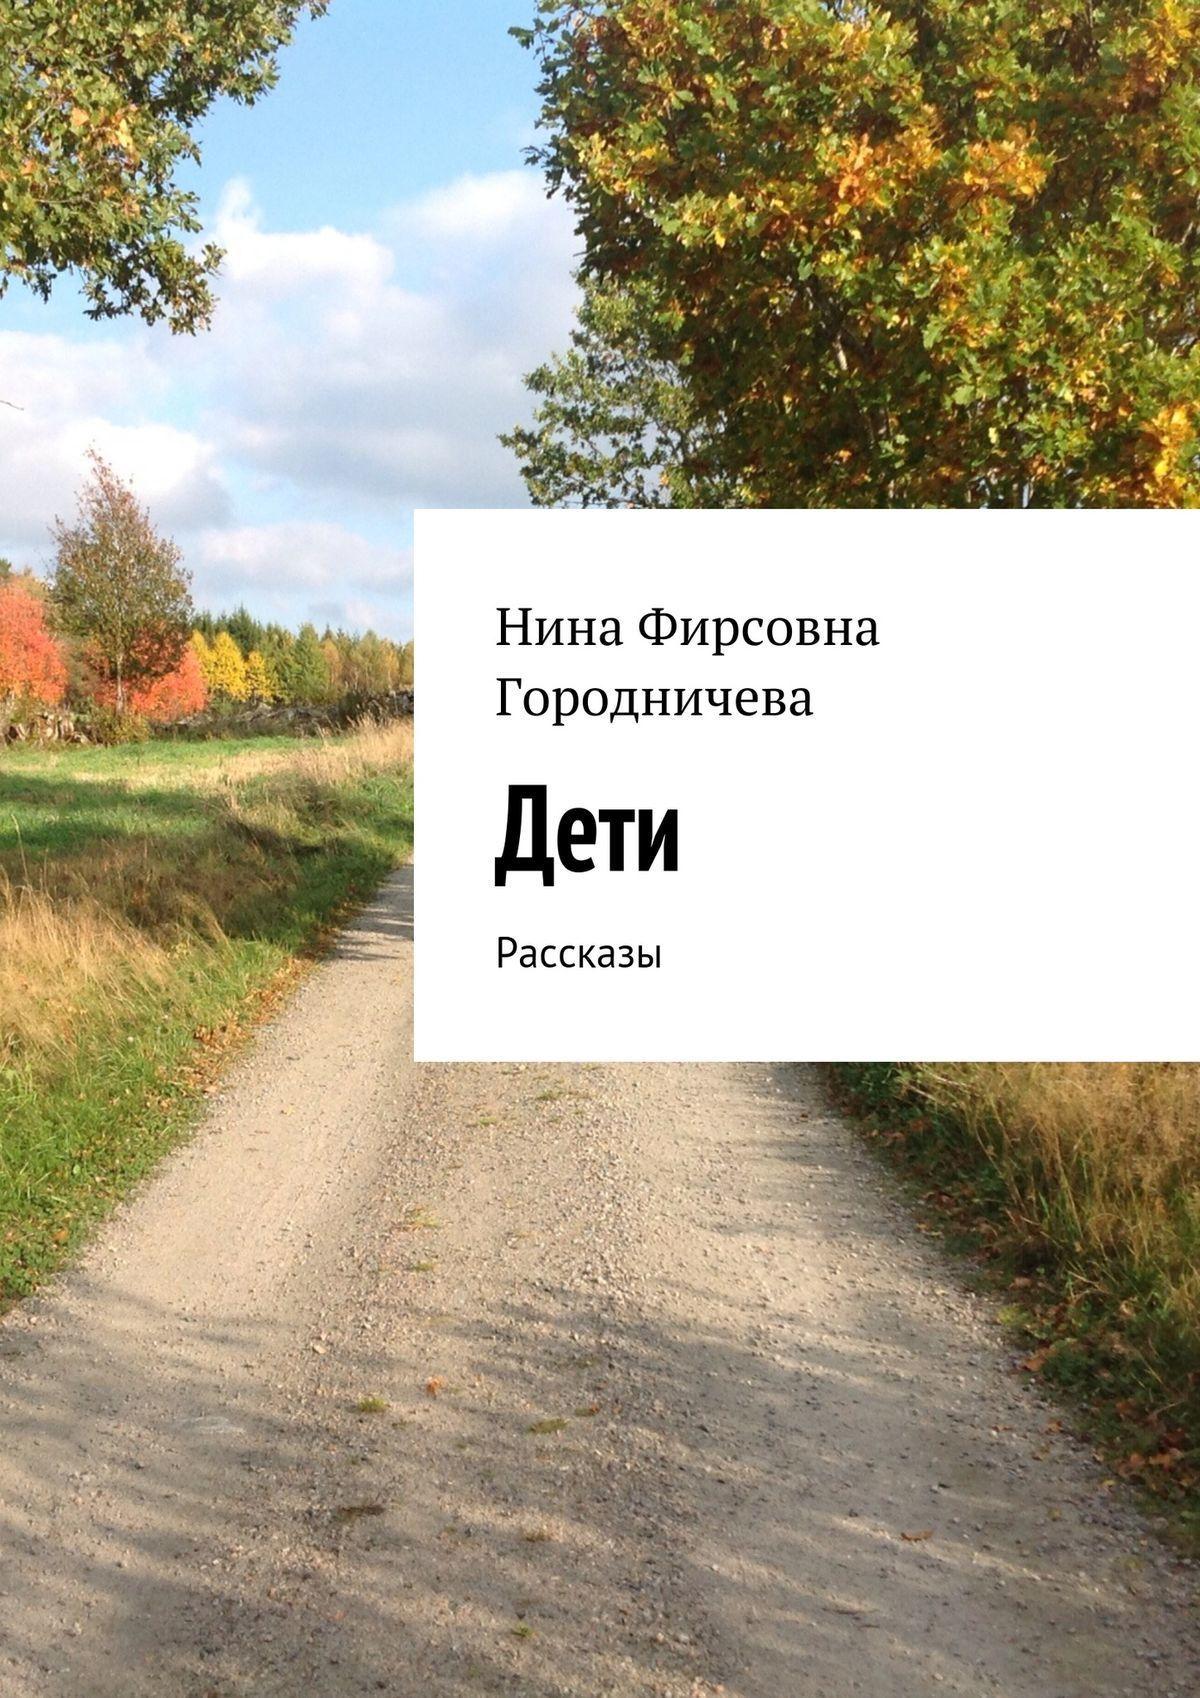 Нина Фирсовна Городничева Дети. Рассказы нина охард ручная кладь рассказы